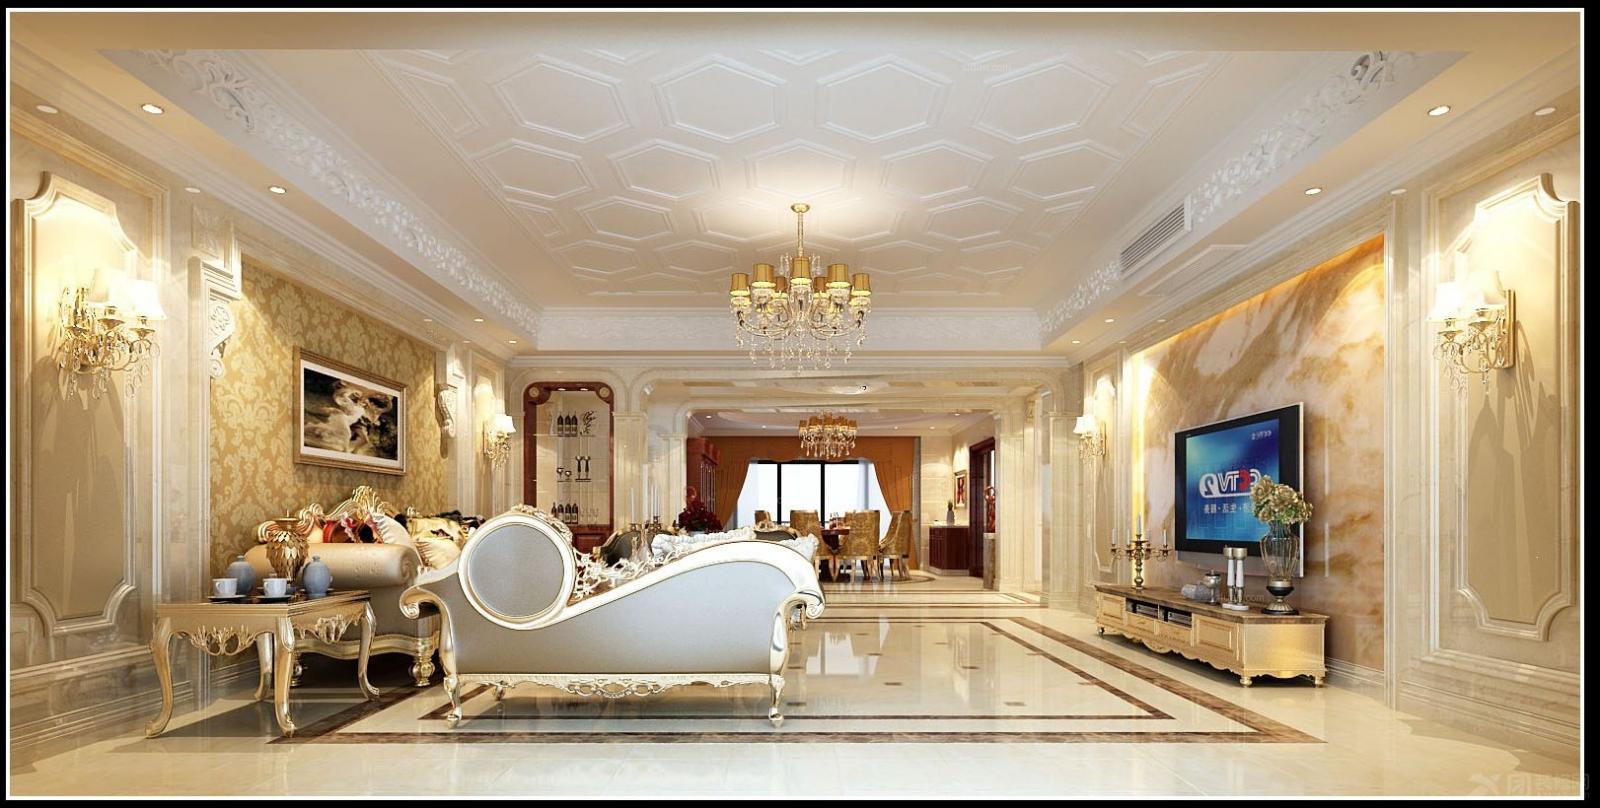 客厅装修效果图  户型:大户型 房间:客厅 风格:简欧风格 装修类型